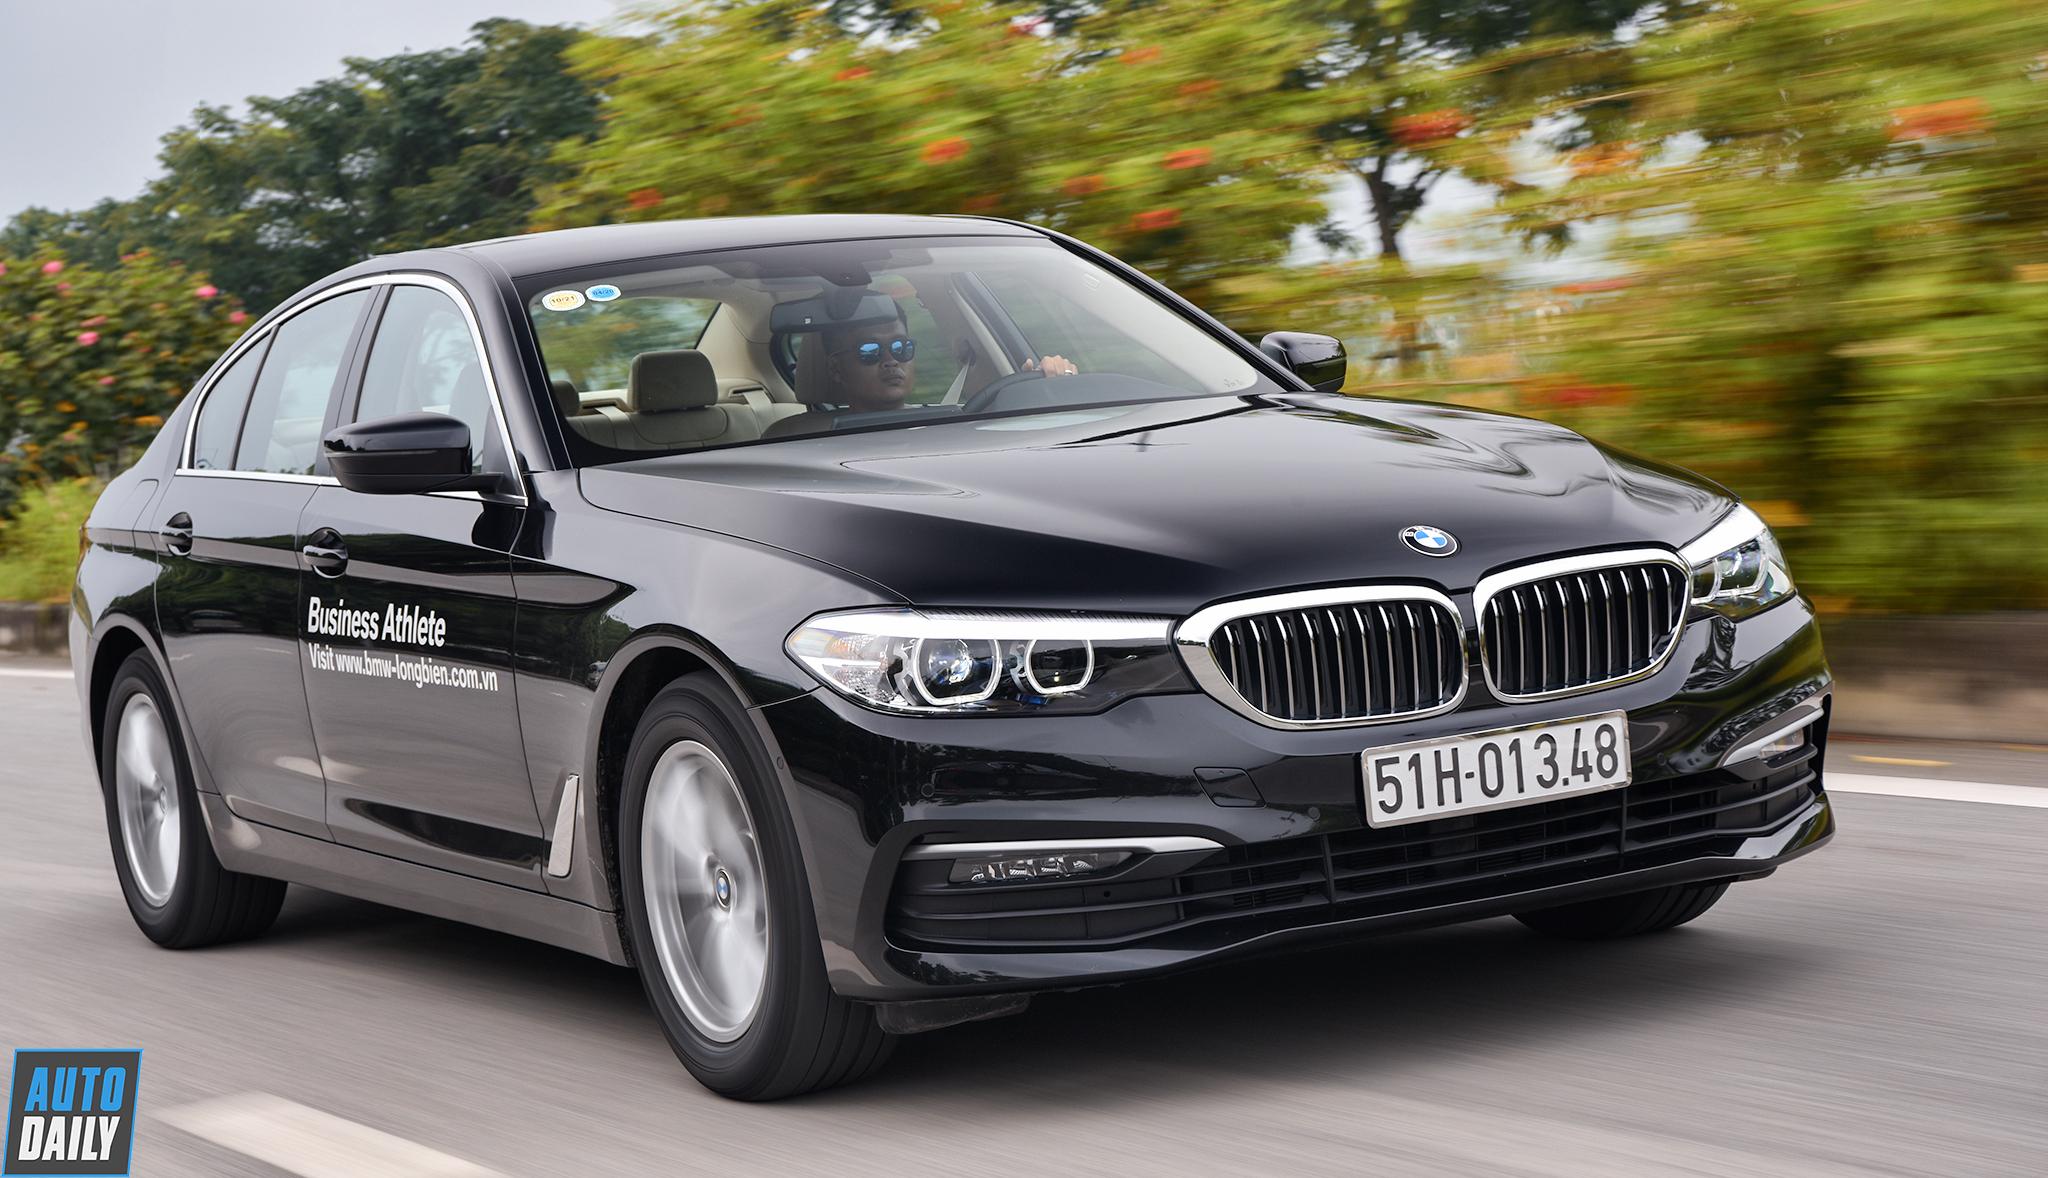 Đánh giá BMW 520i 2019:  Bất ngờ với động cơ 1.6 turbo